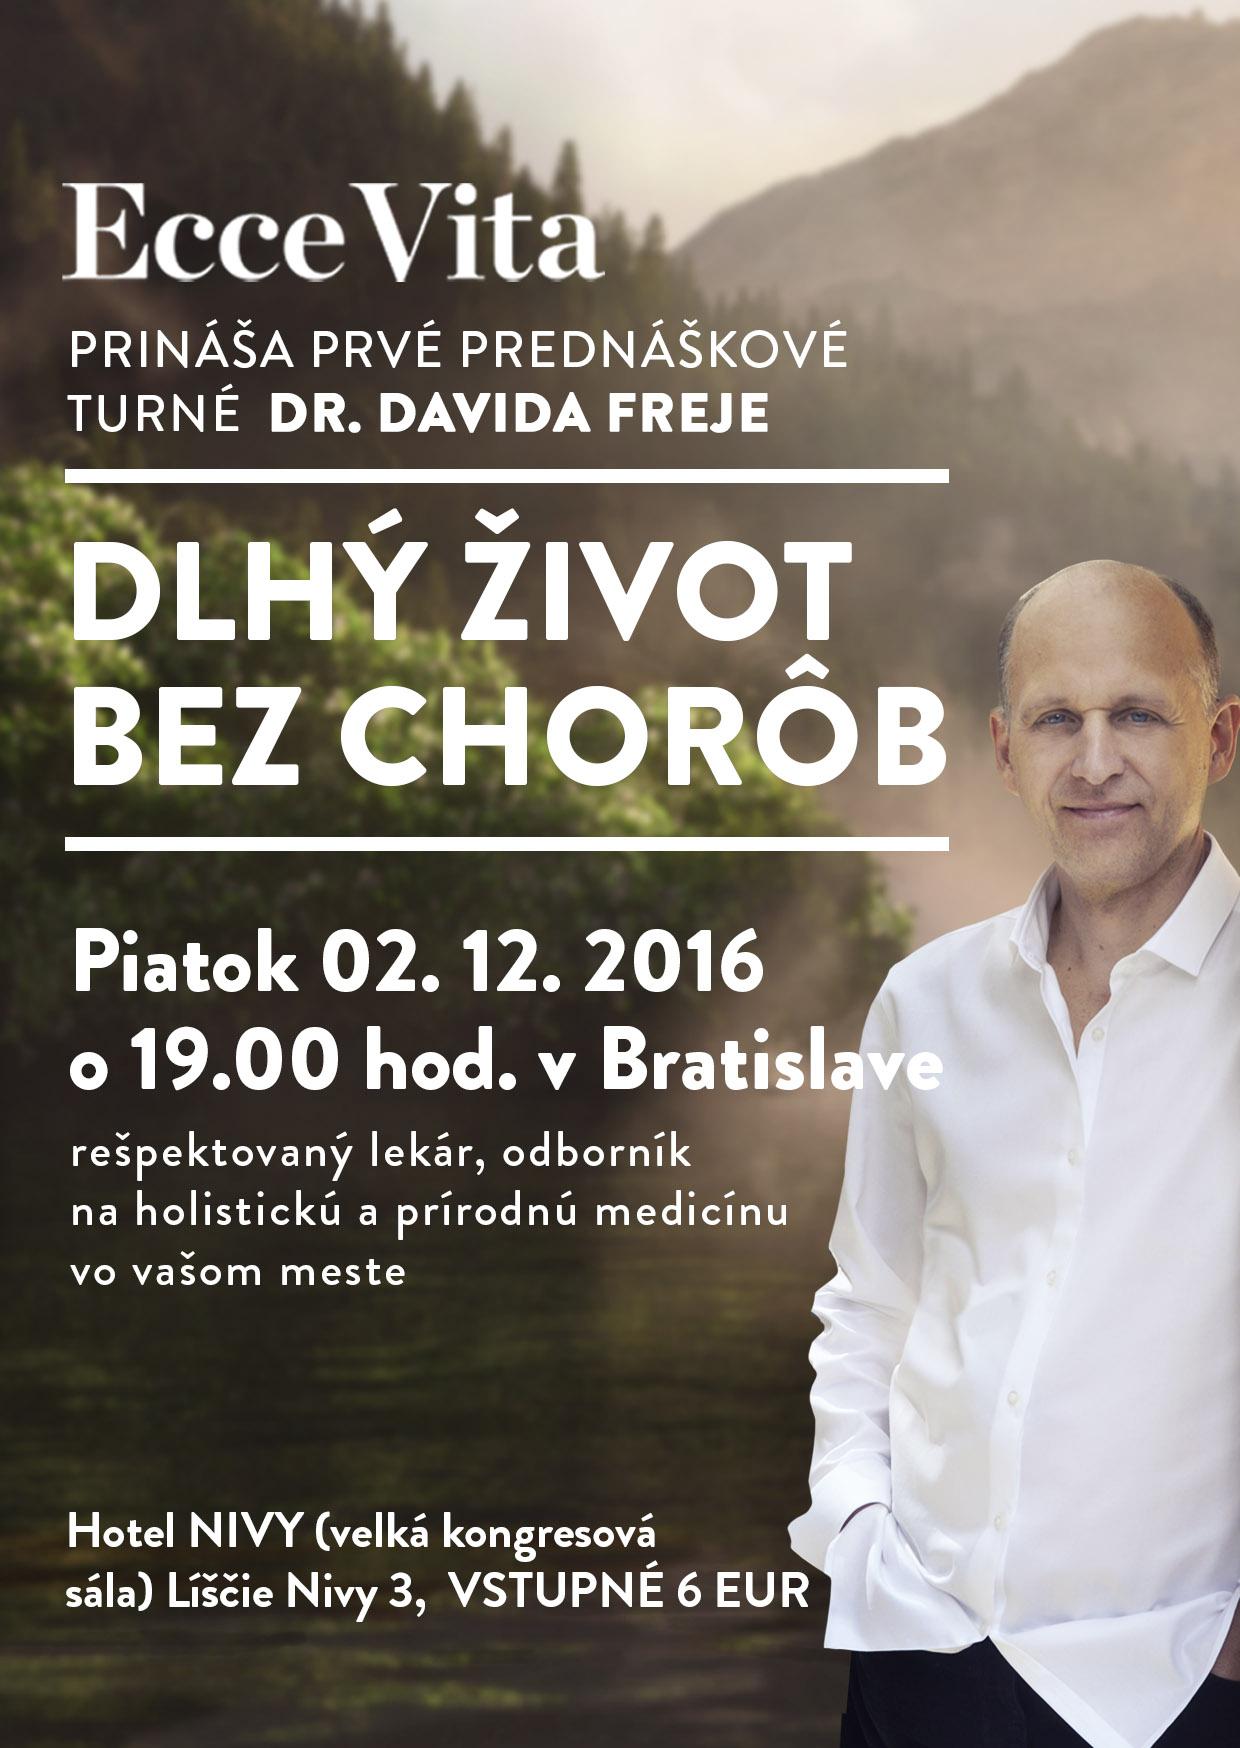 Mudr. David Frej v Bratislave - 02.12.2016